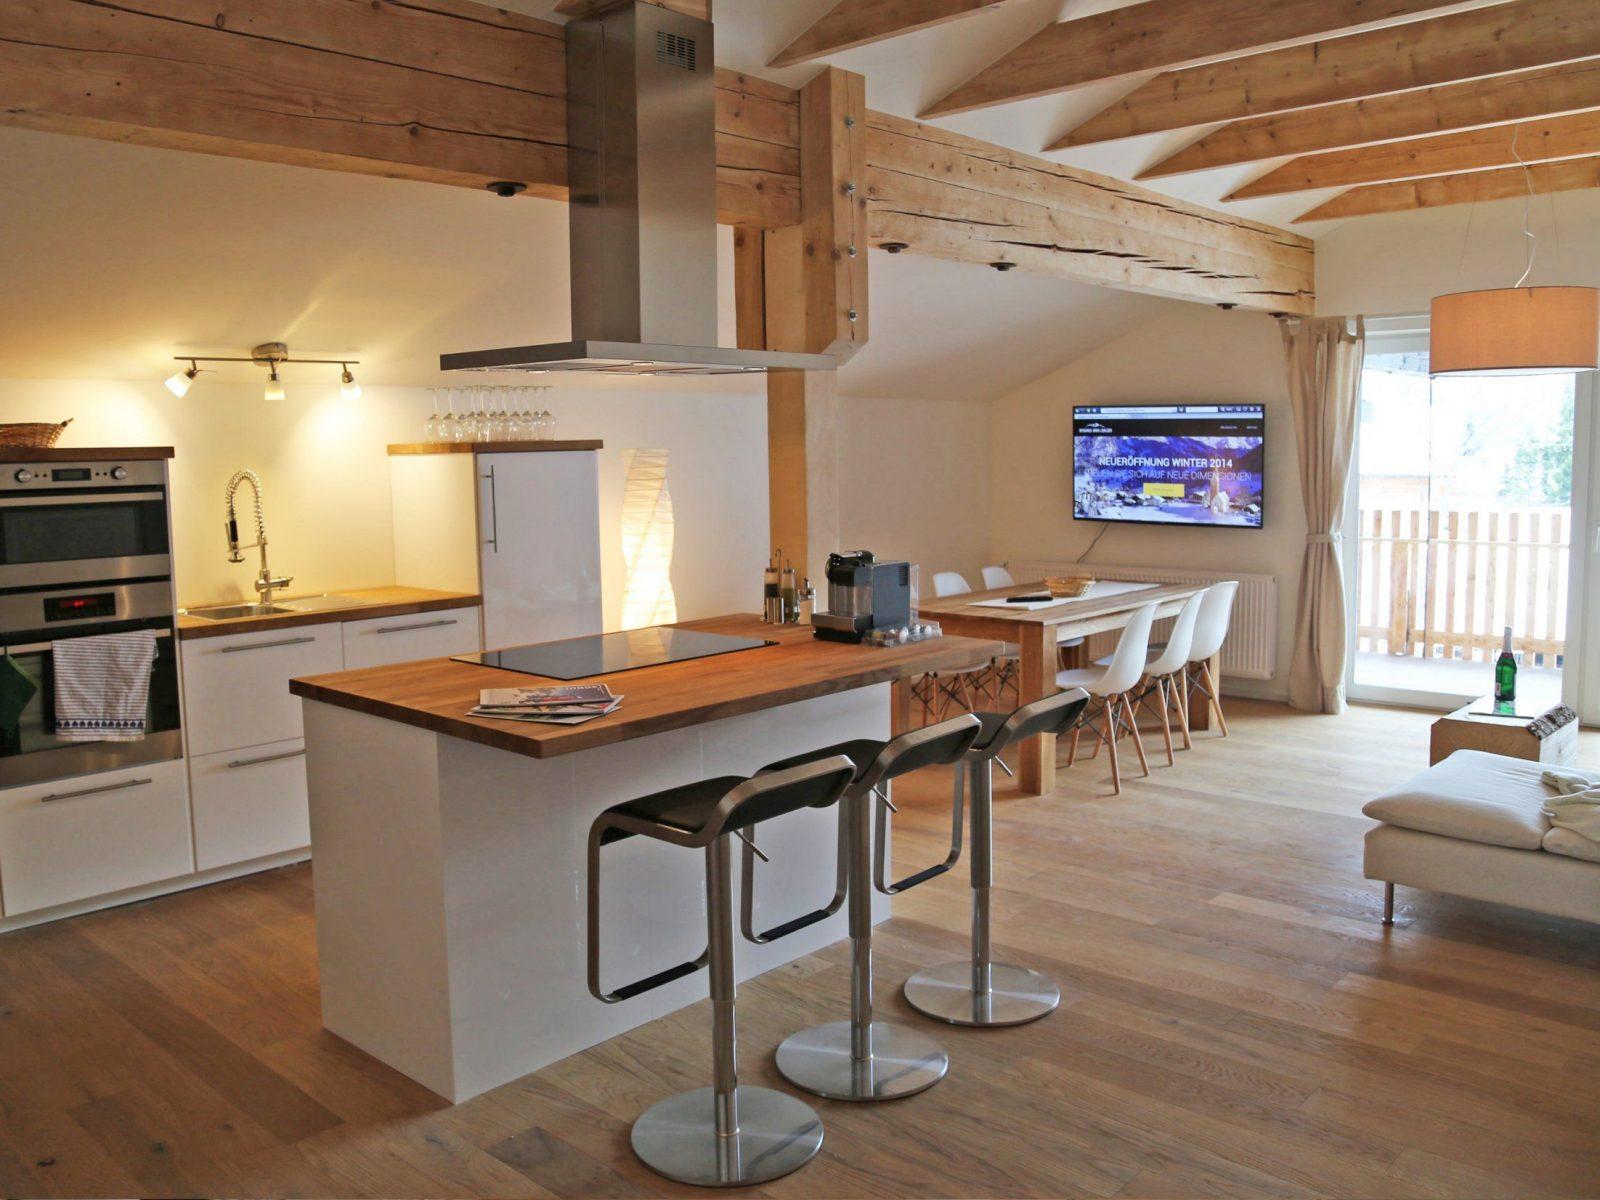 Küche Mit Kochinsel Und Tisch  Ambiznes von Küche Mit Kochinsel Und Tisch Photo